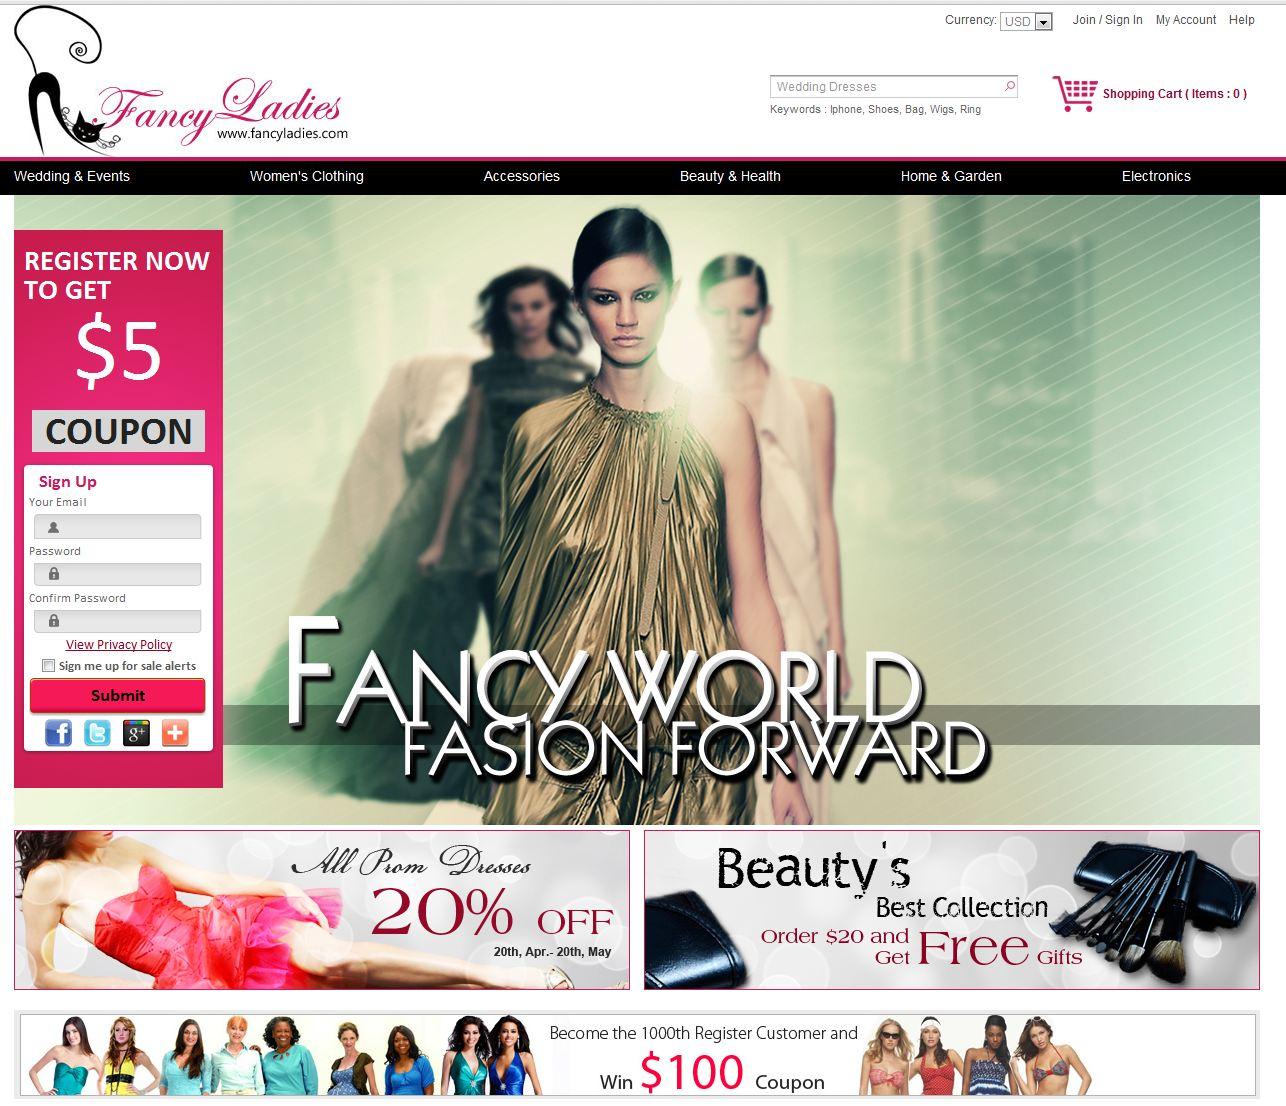 Fancyladies.com